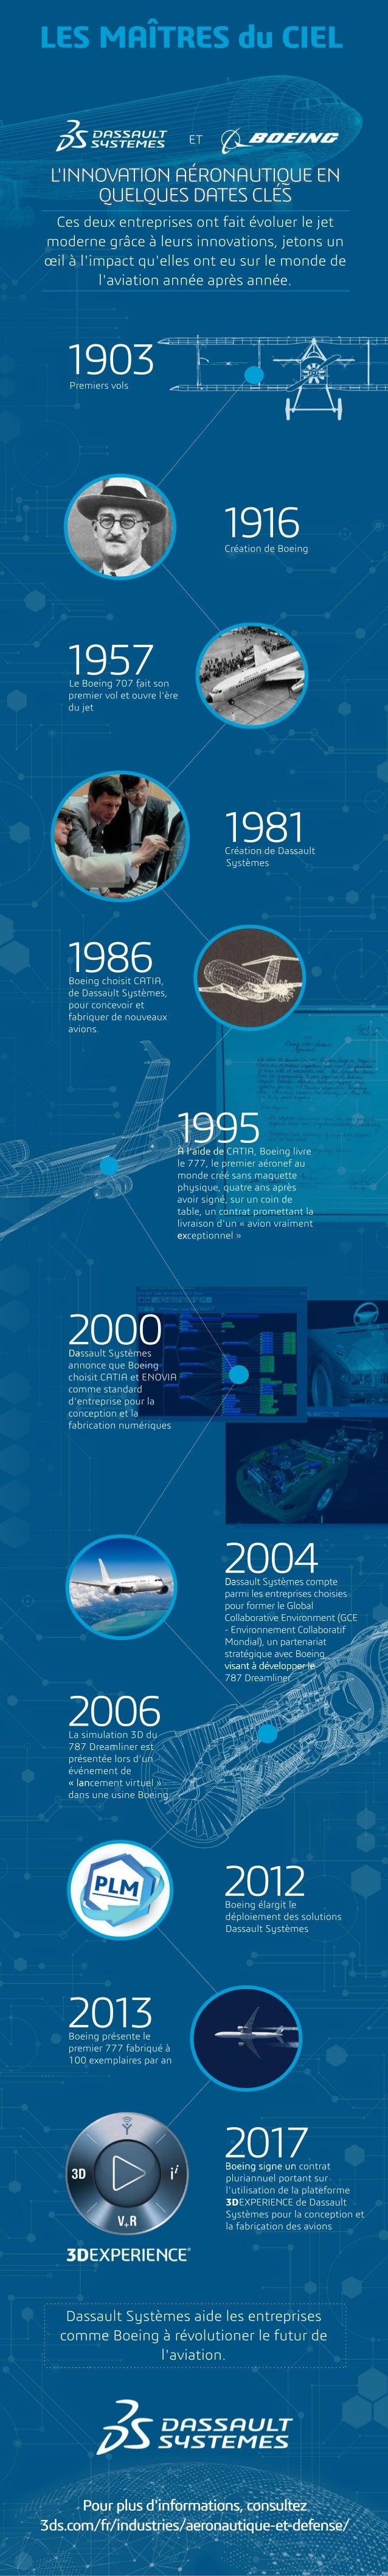 Infographie : « Les Maîtres du Ciel » – 30 ans d'innovation aéronautique par Boeing et Dassault Systèmes